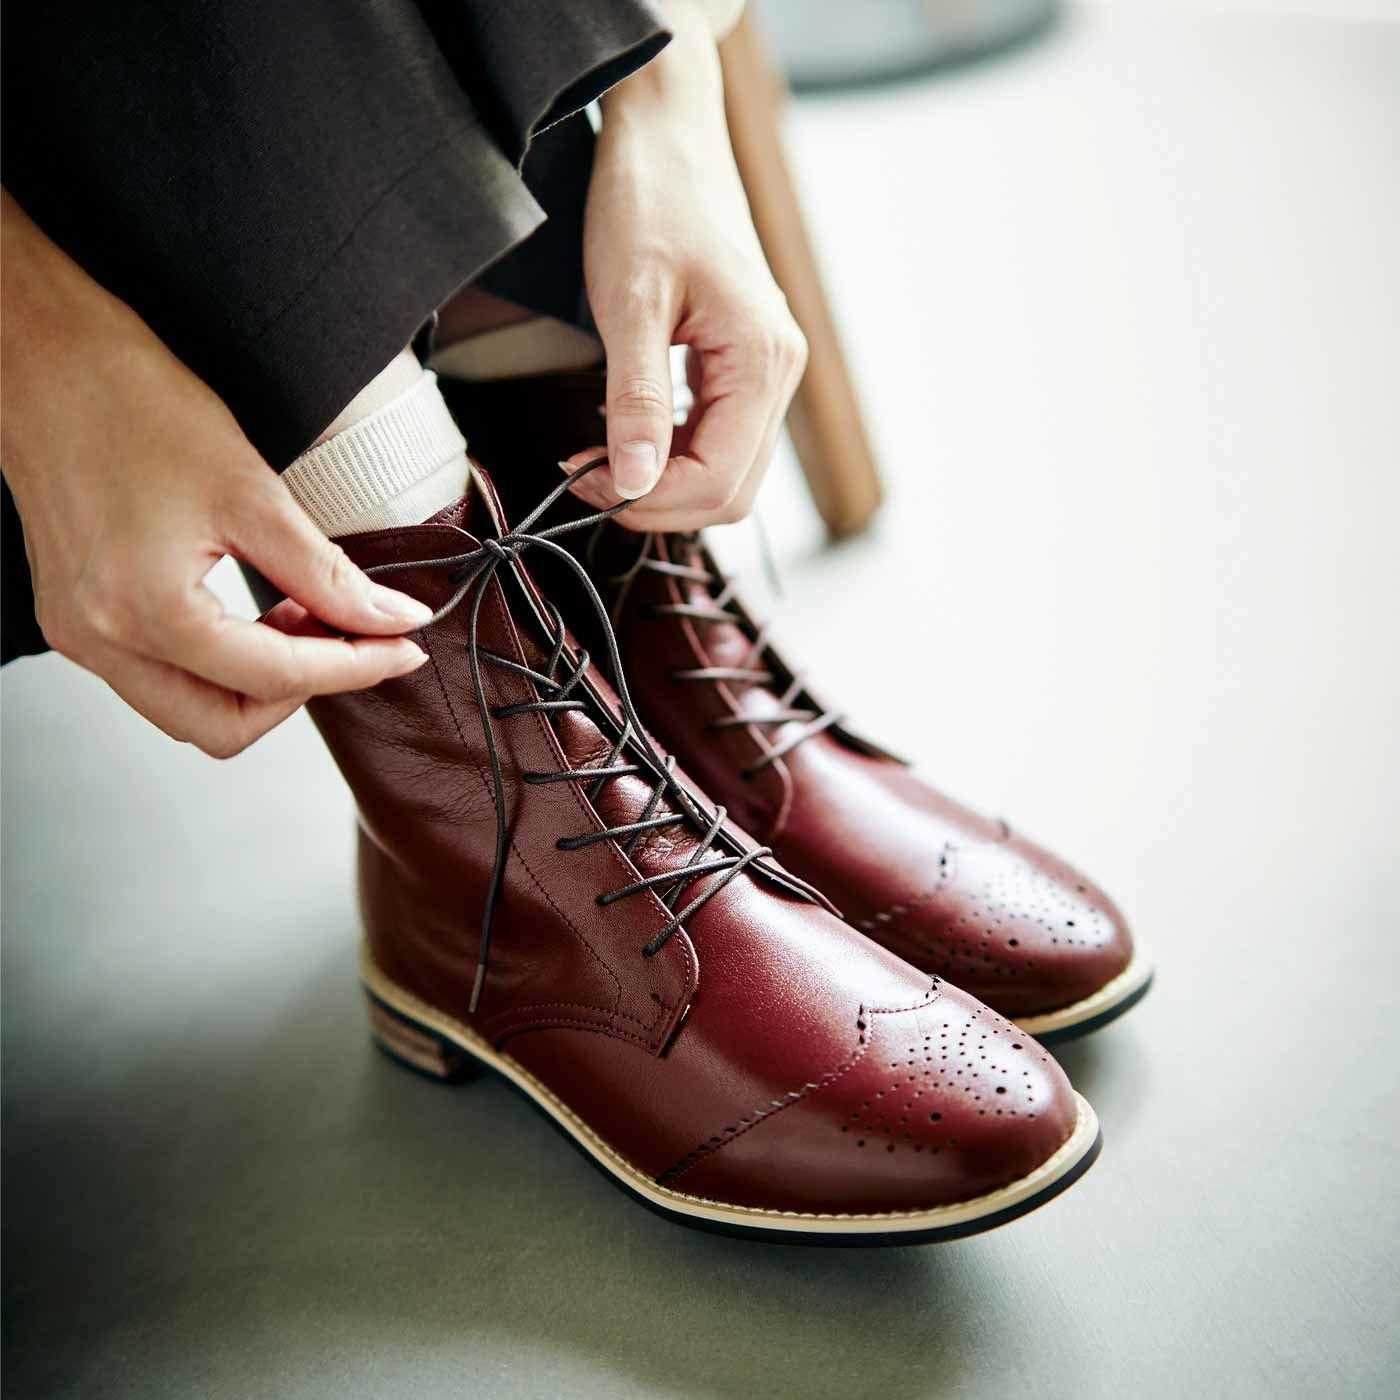 長田靴職人が叶(かな)えた 理想の本革ウィングチップブーツ〈レッドブラウン〉[本革 ブーツ:日本製]